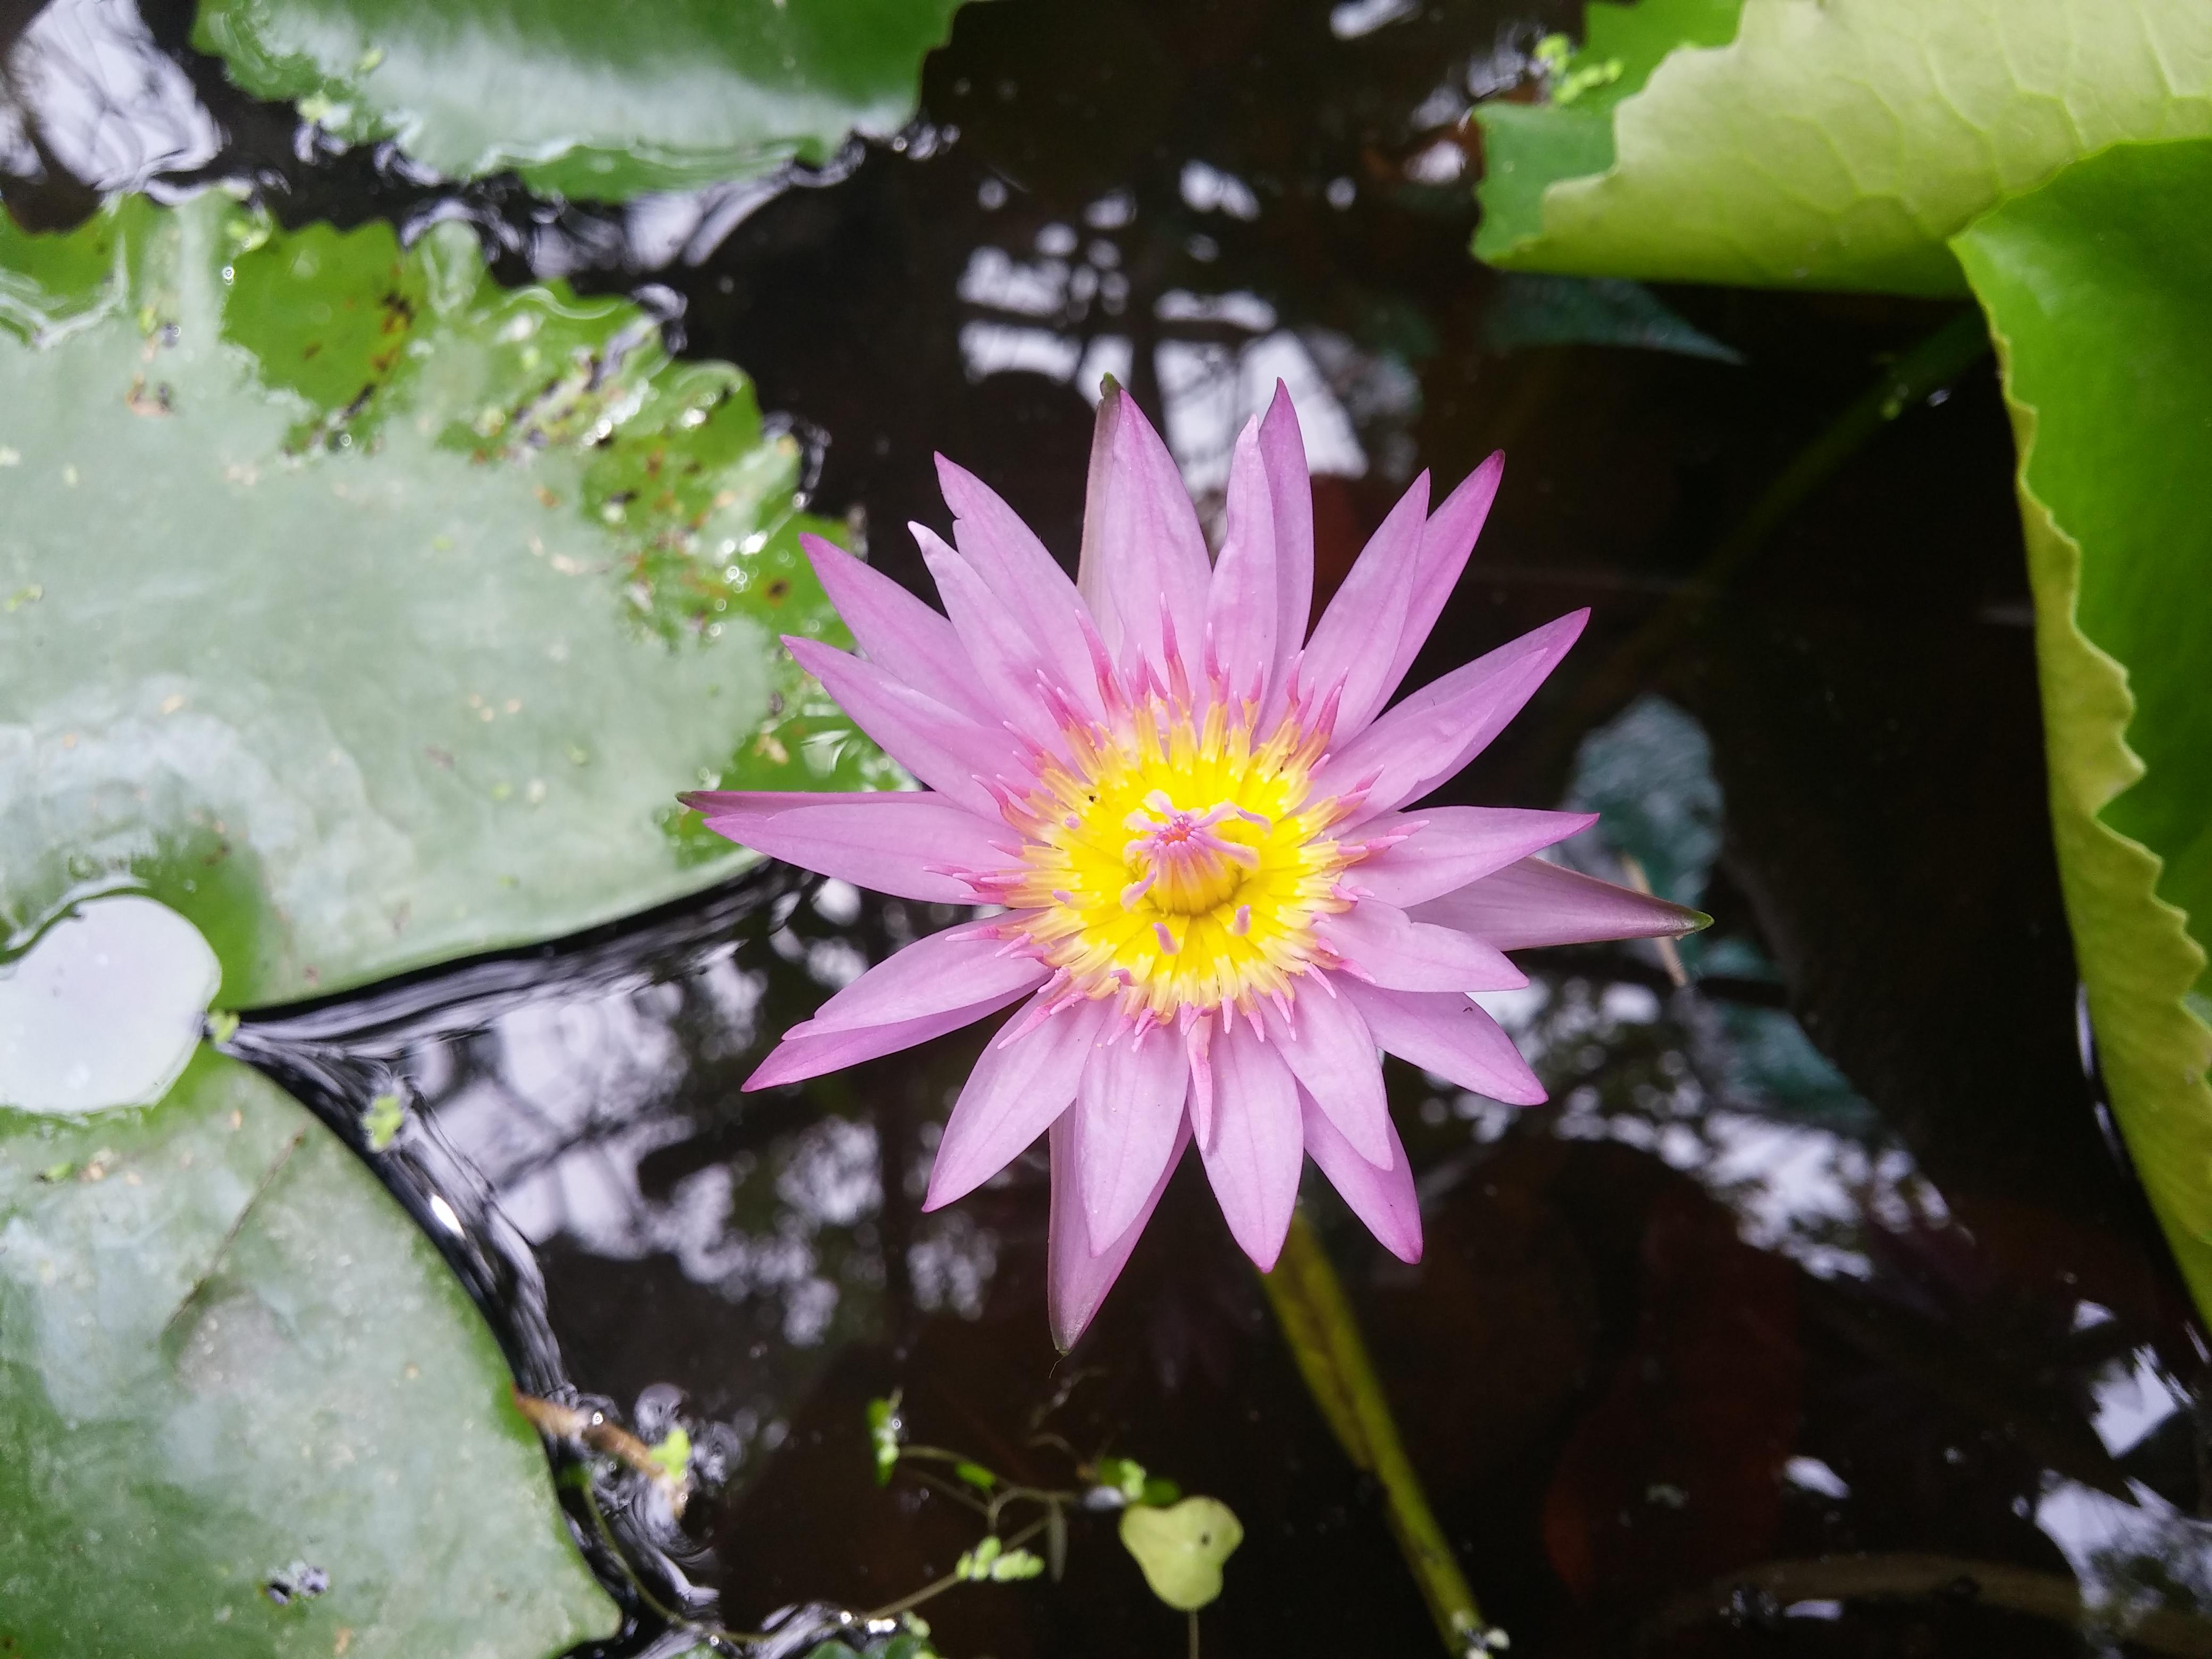 Gambar Bunga Lili Flora Menanam Tanaman Air Seroja Teratai Keluarga Lotus Bunga Liar Daun Bunga Proteales Tanaman Tahunan Keluarga Lily Tanaman Berbunga 4160x3120 Minh Idnh 1459037 Galeri Foto Pxhere